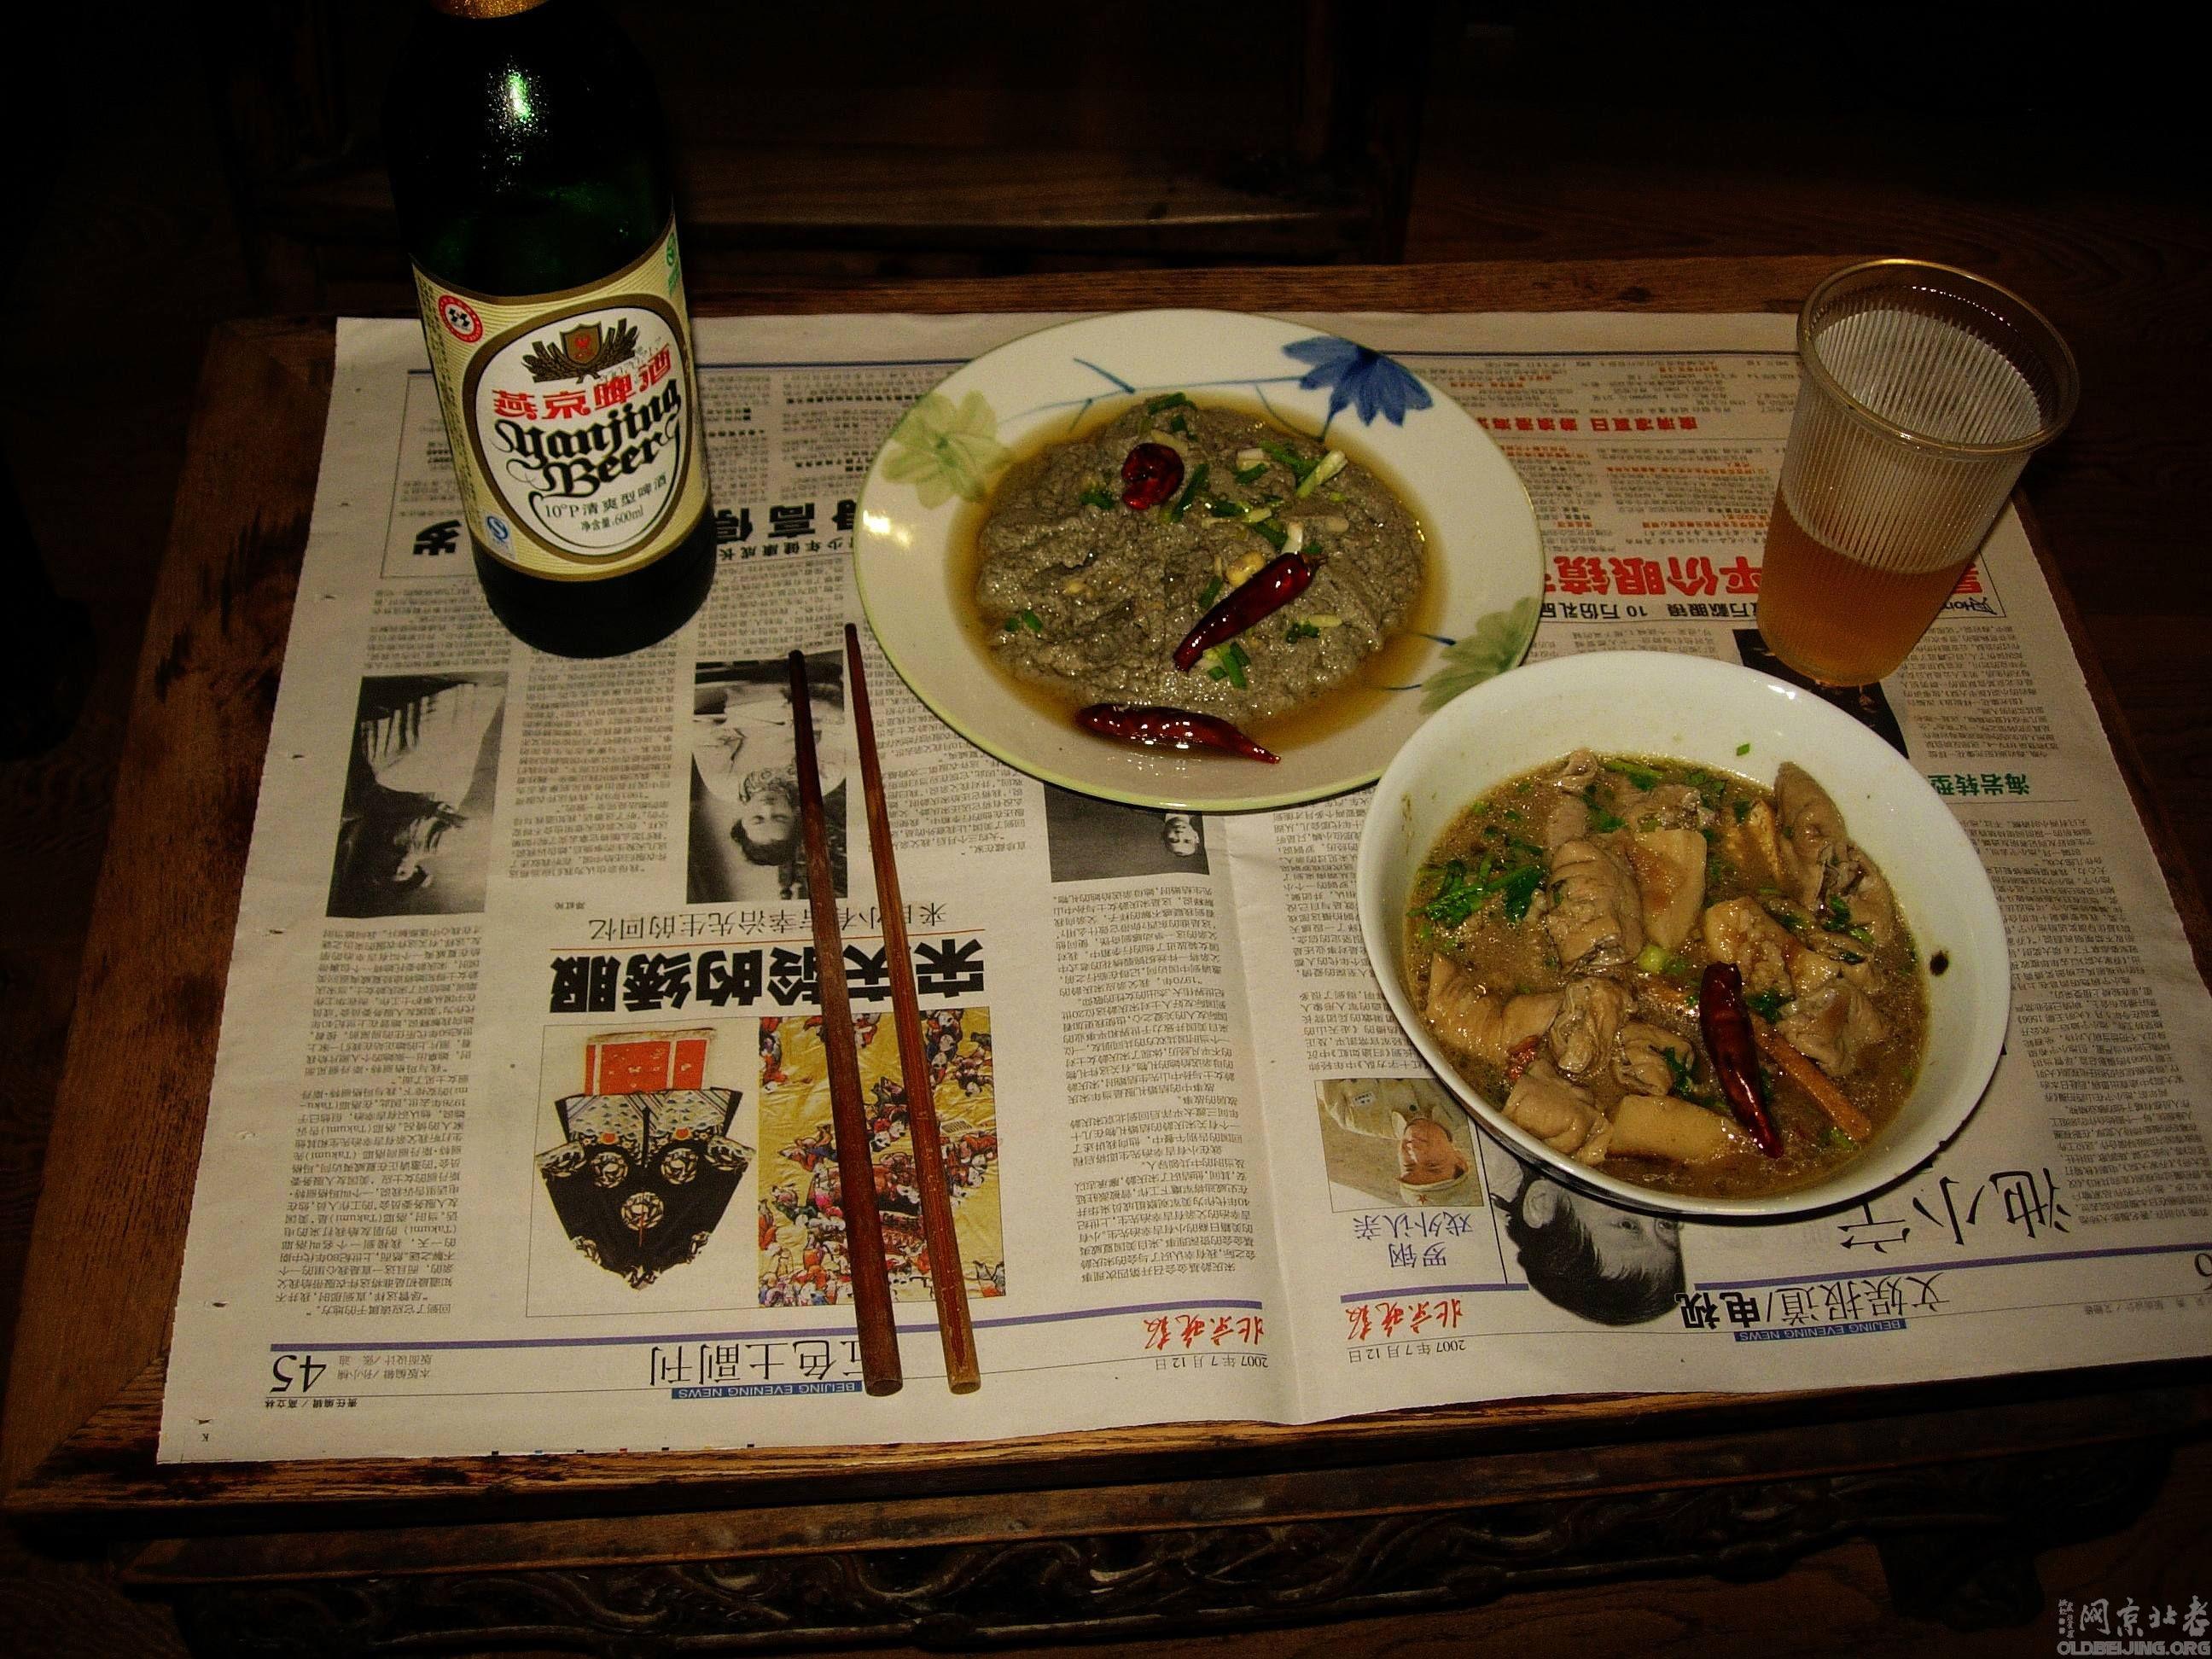 啤酒,卤煮,麻豆腐